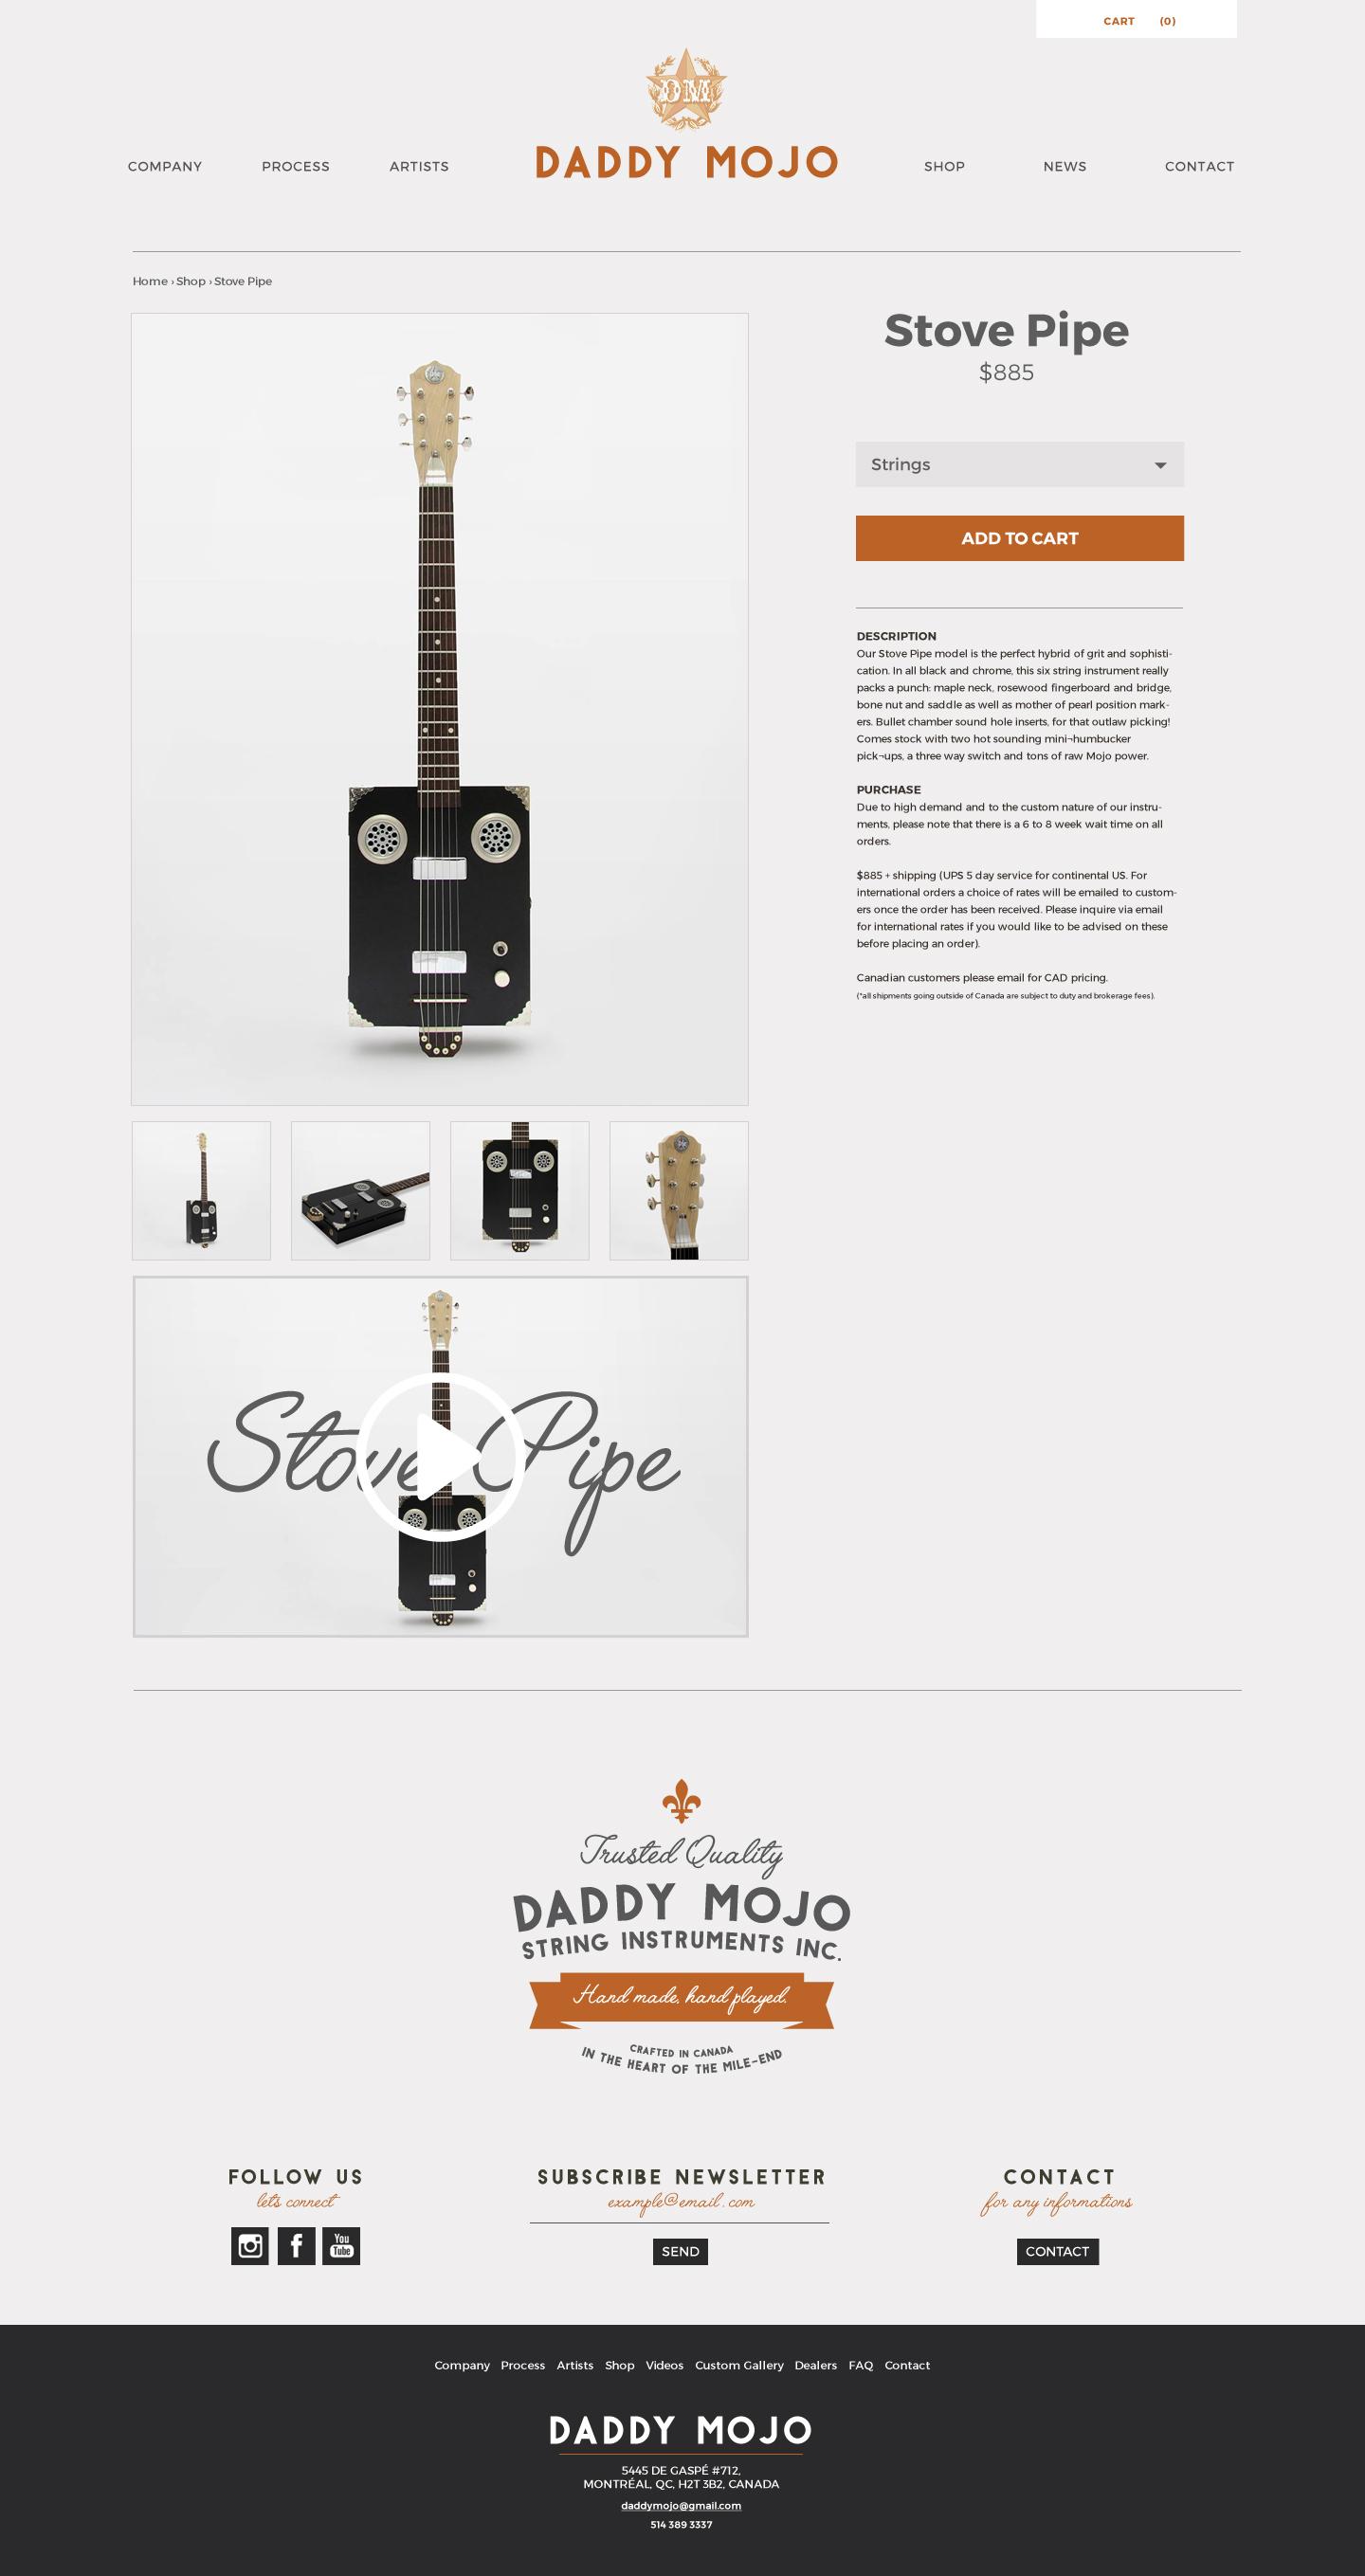 1200 - stove pipe - Daddy Mojo_v2.jpg